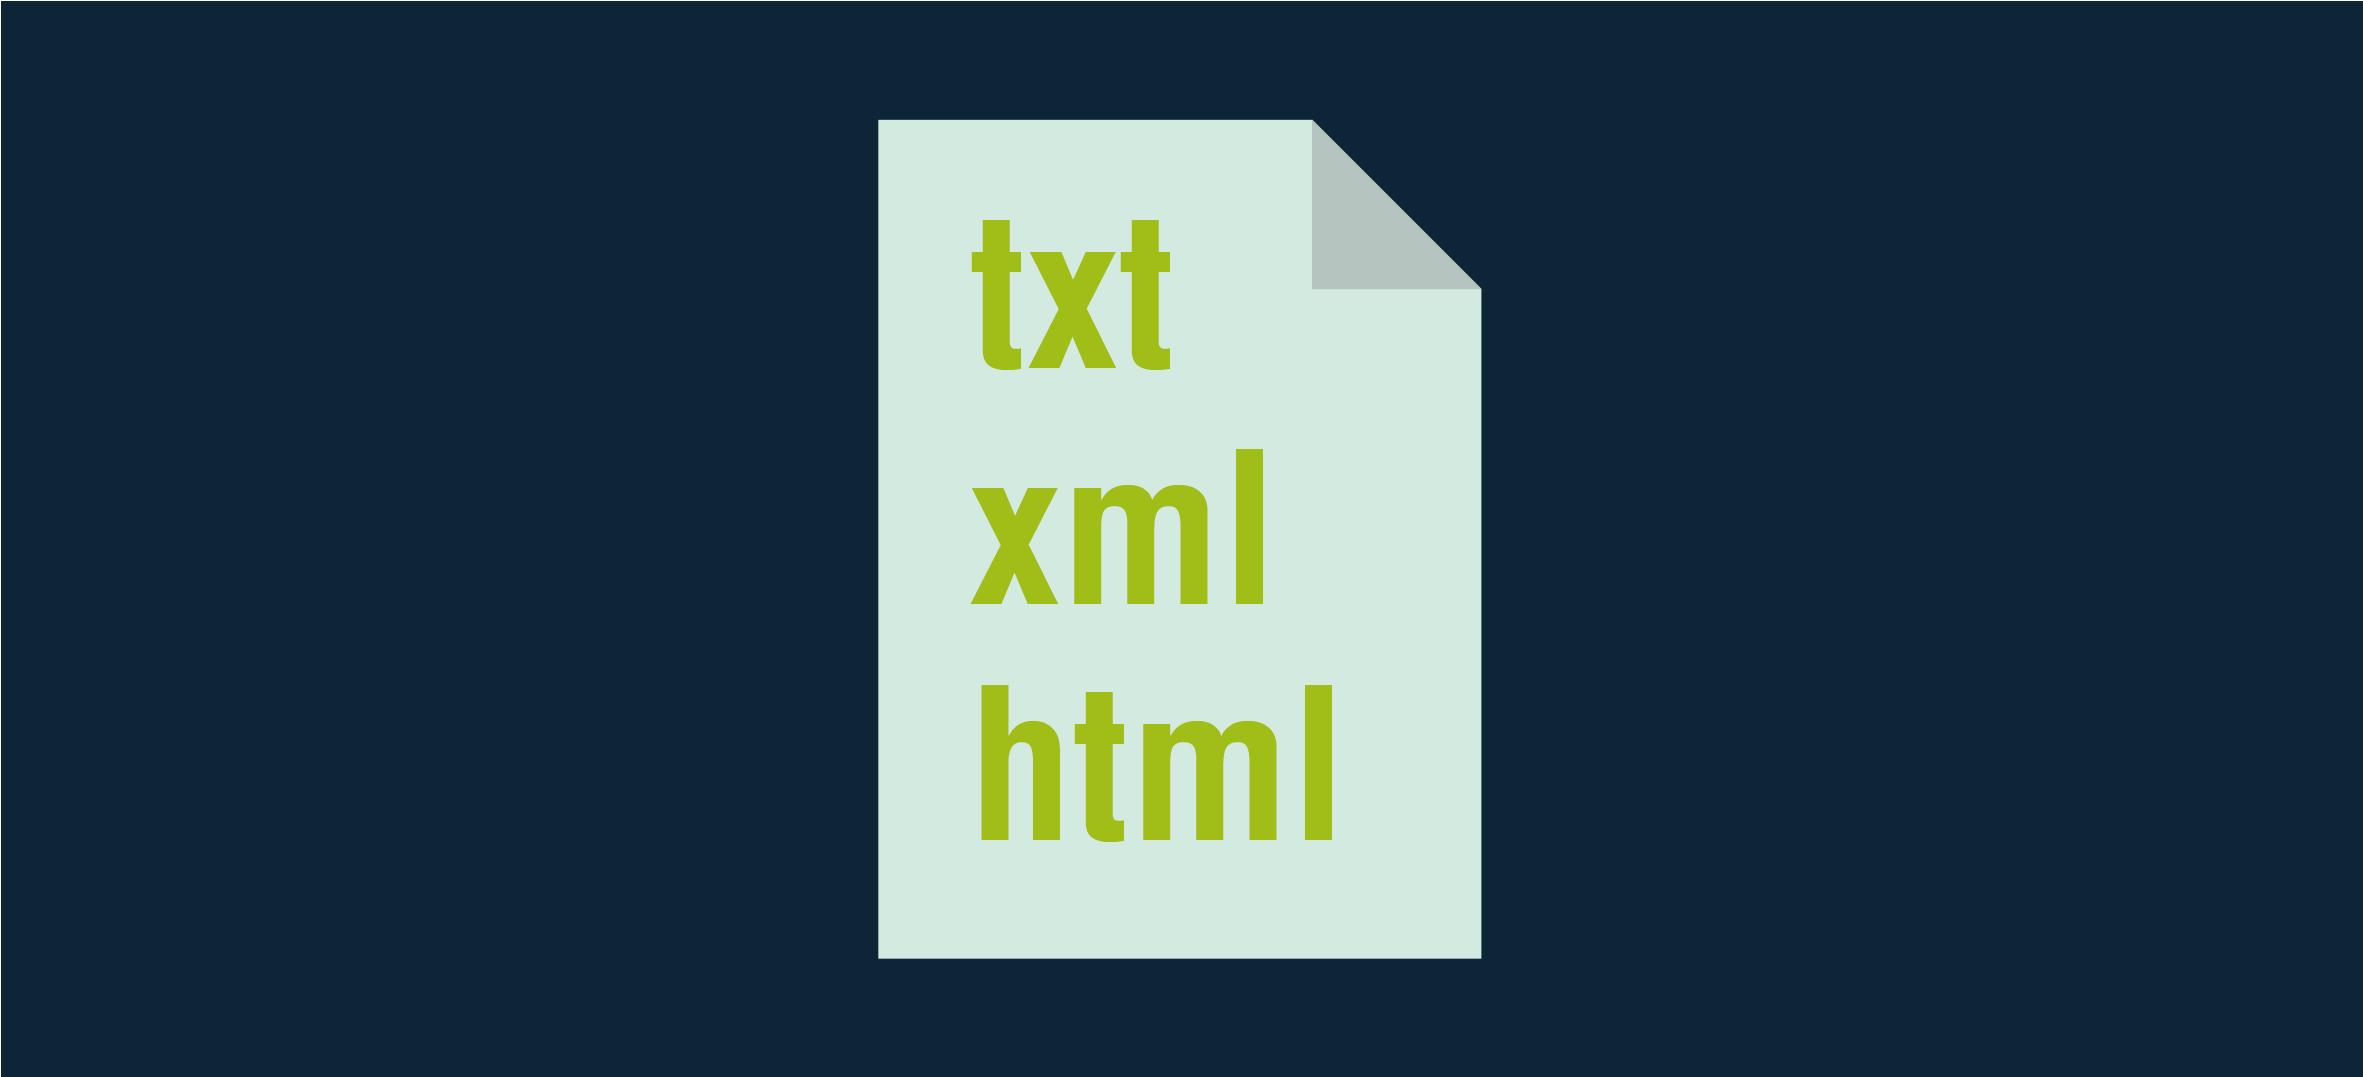 NeuroCheck Software Extension Data Format Converter txt, xml, html (Image © NeuroCheck)